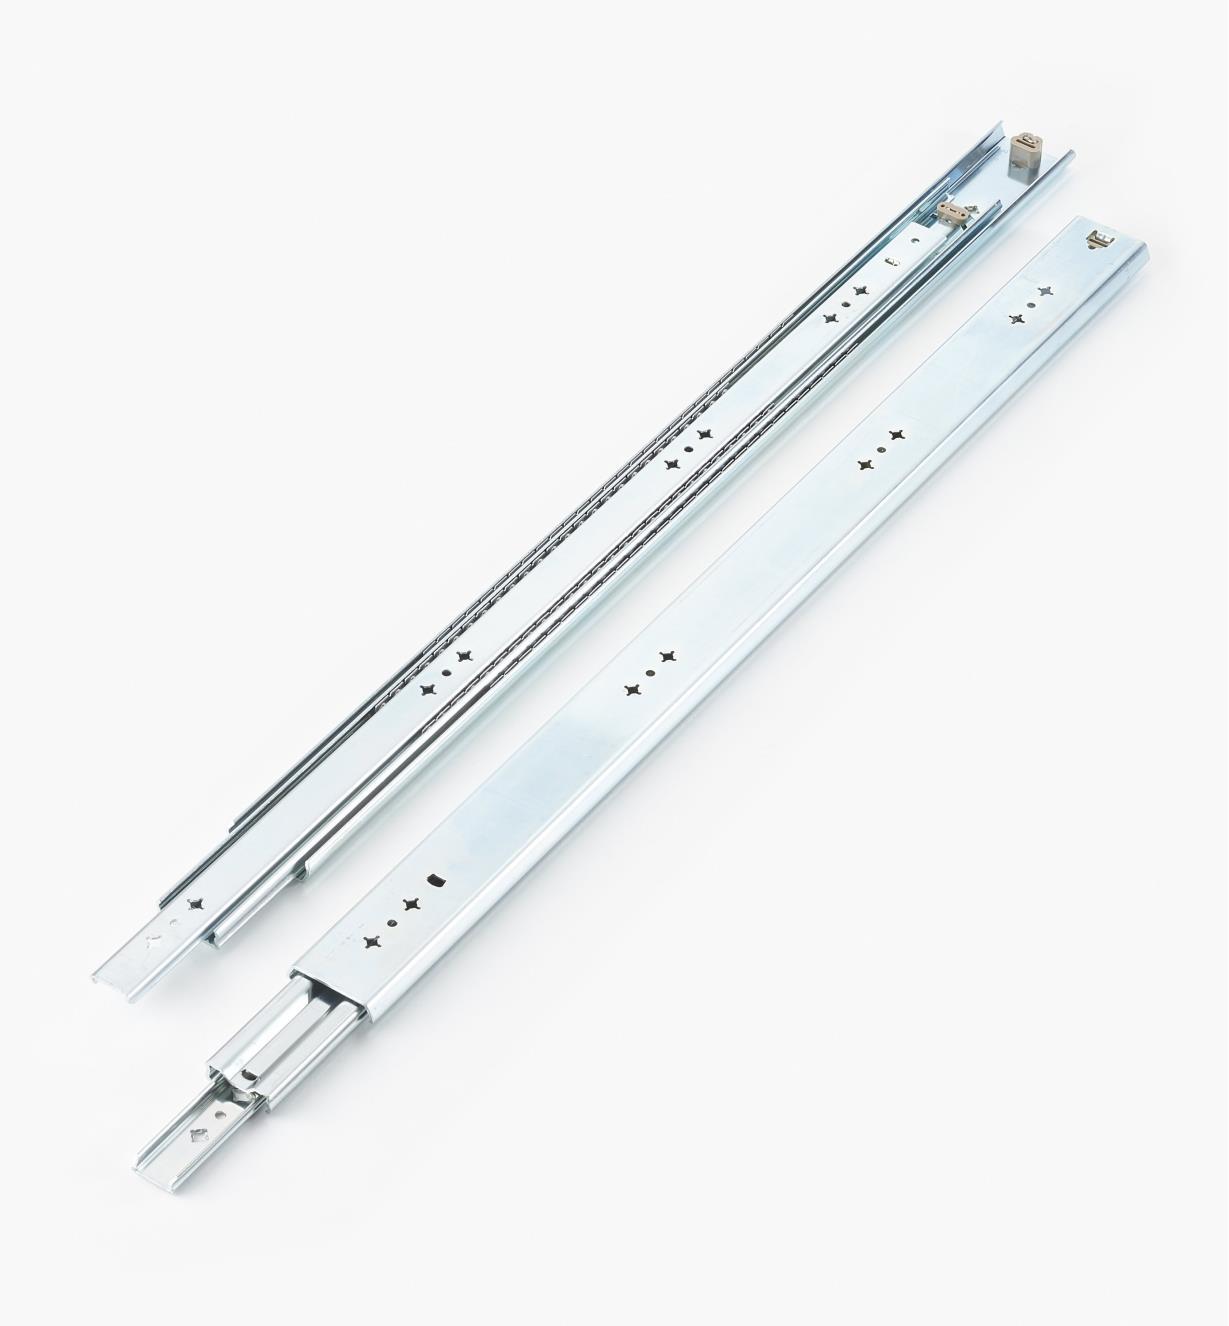 02K3230 - Coulisses de 30po (750mm) à extension complète pour charge de 200lb, la paire